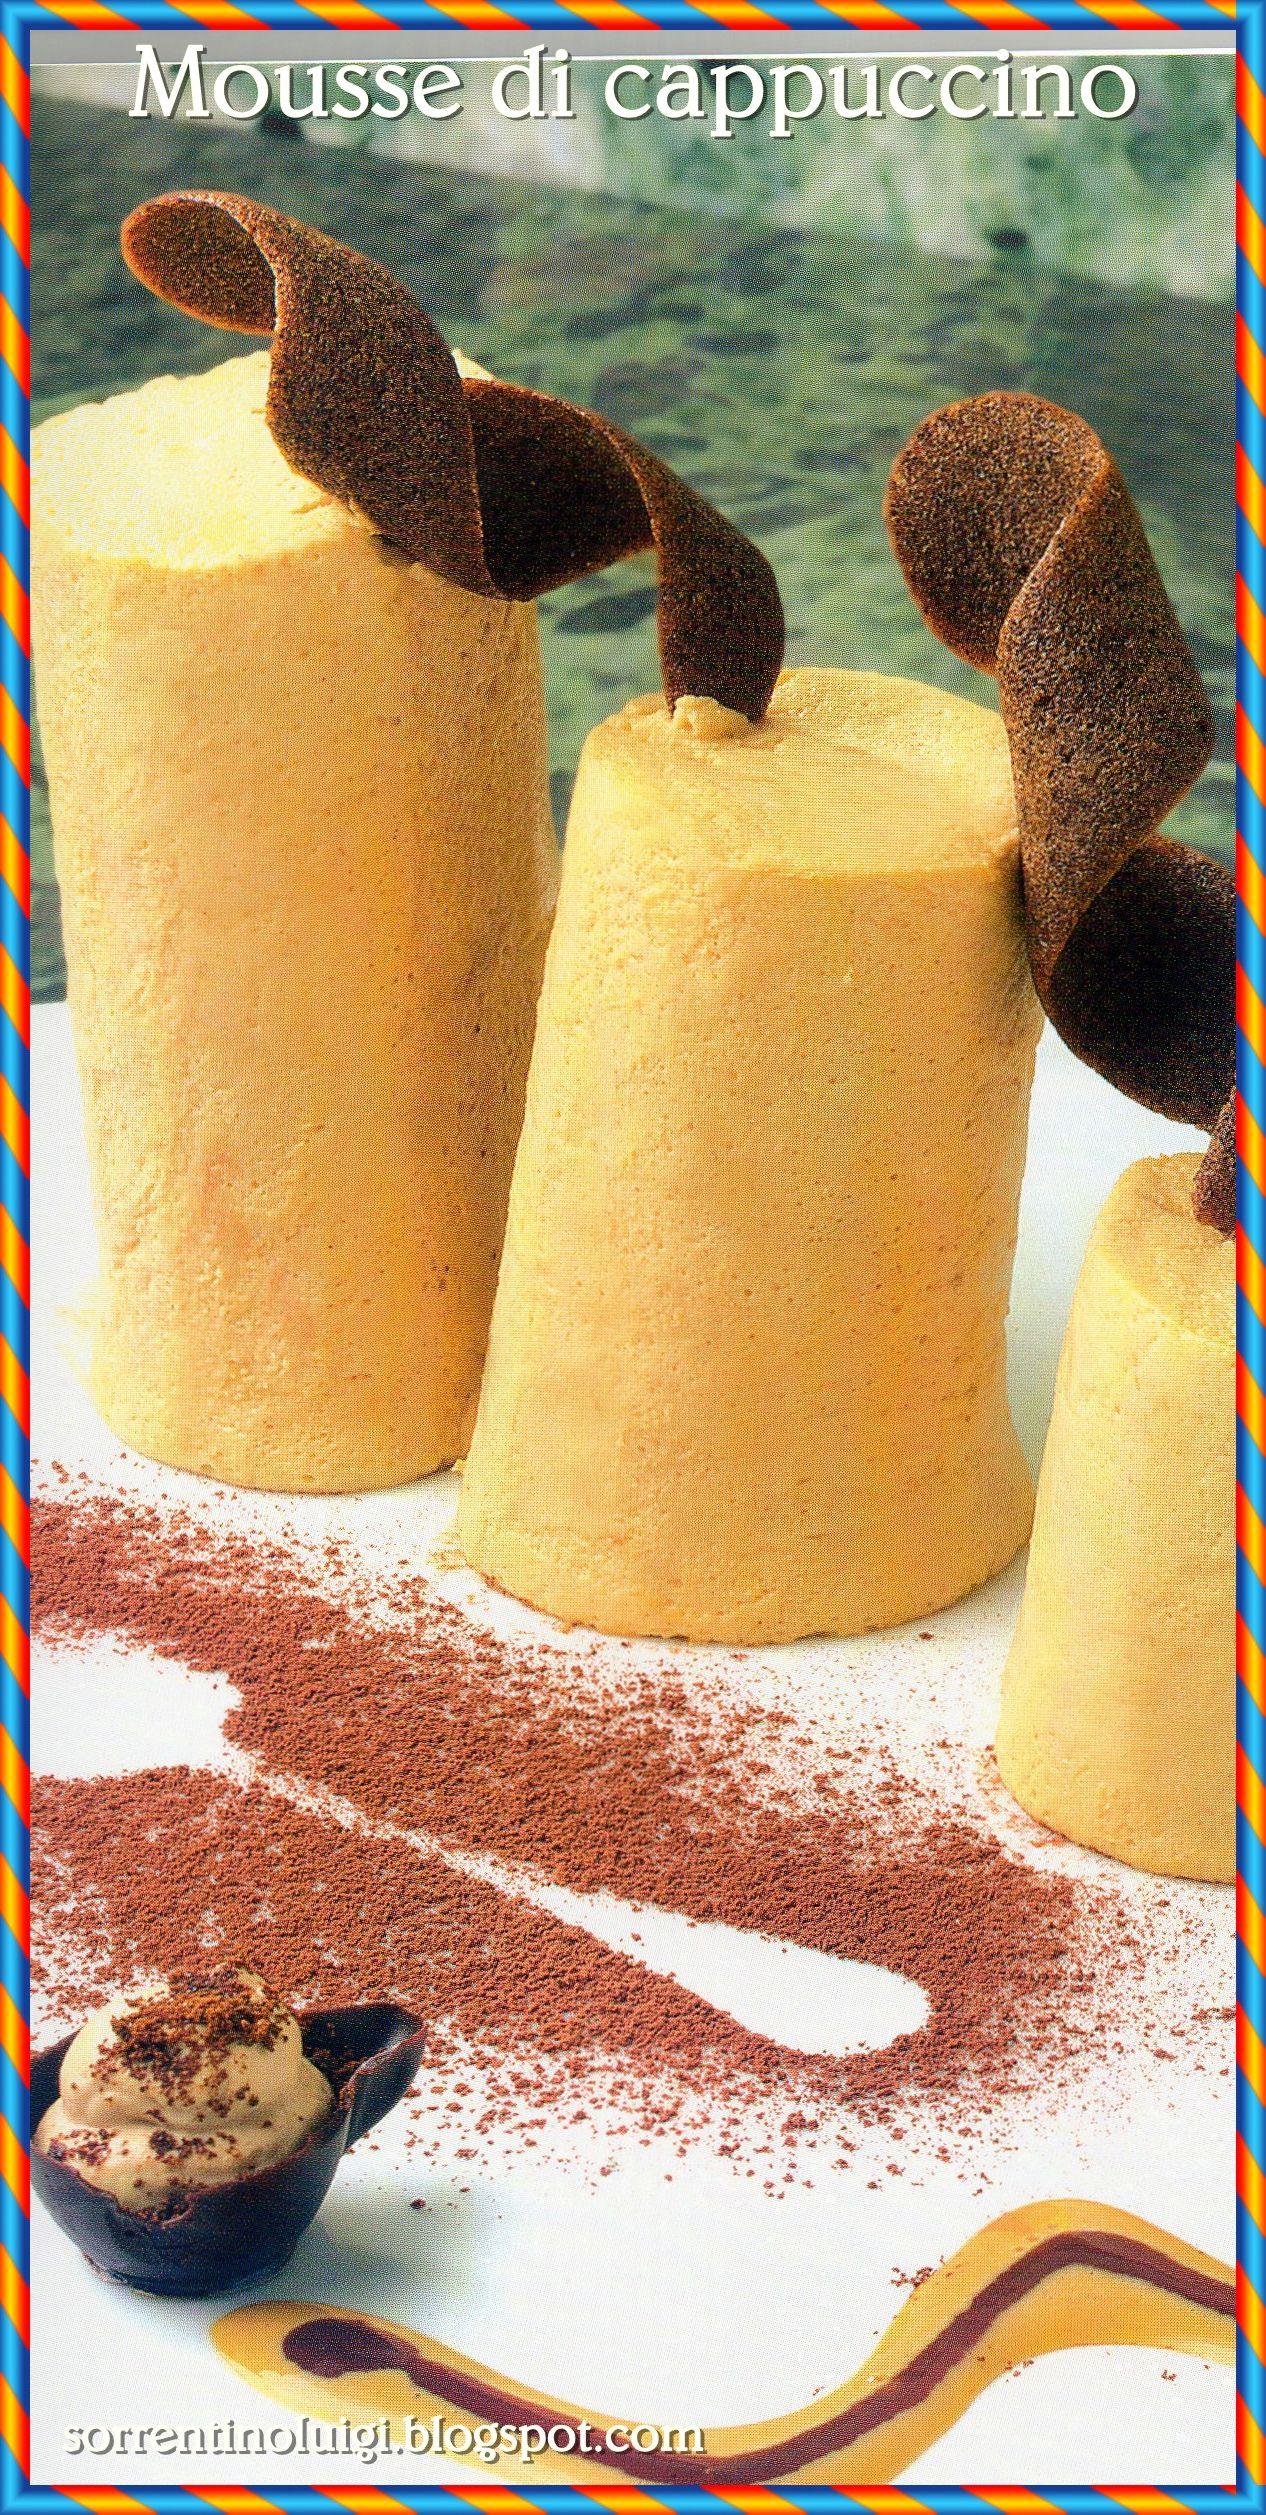 """Mi sono sempre chiesto """"Se qualcosa deve essere pieno di calorie e di colesterolo, perché non possono esserlo i broccoli, invece del gelato?"""" buona giornata, eccovi la ricetta: http://sorrentinoluigi.blogspot.com/2014/07/mousse-di-cappuccino.html"""